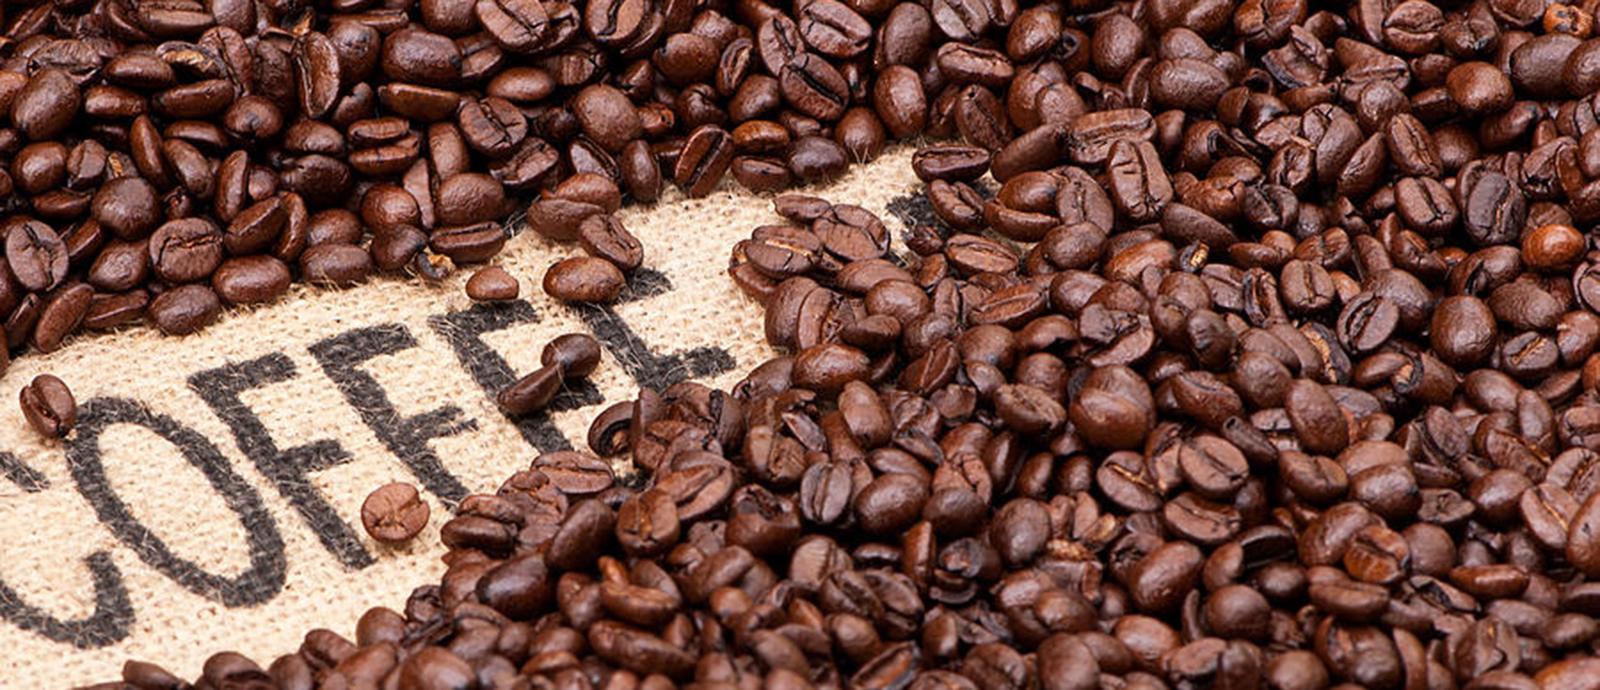 Giá thành cà phê Robusta nhìn chung khá dễ chịu.